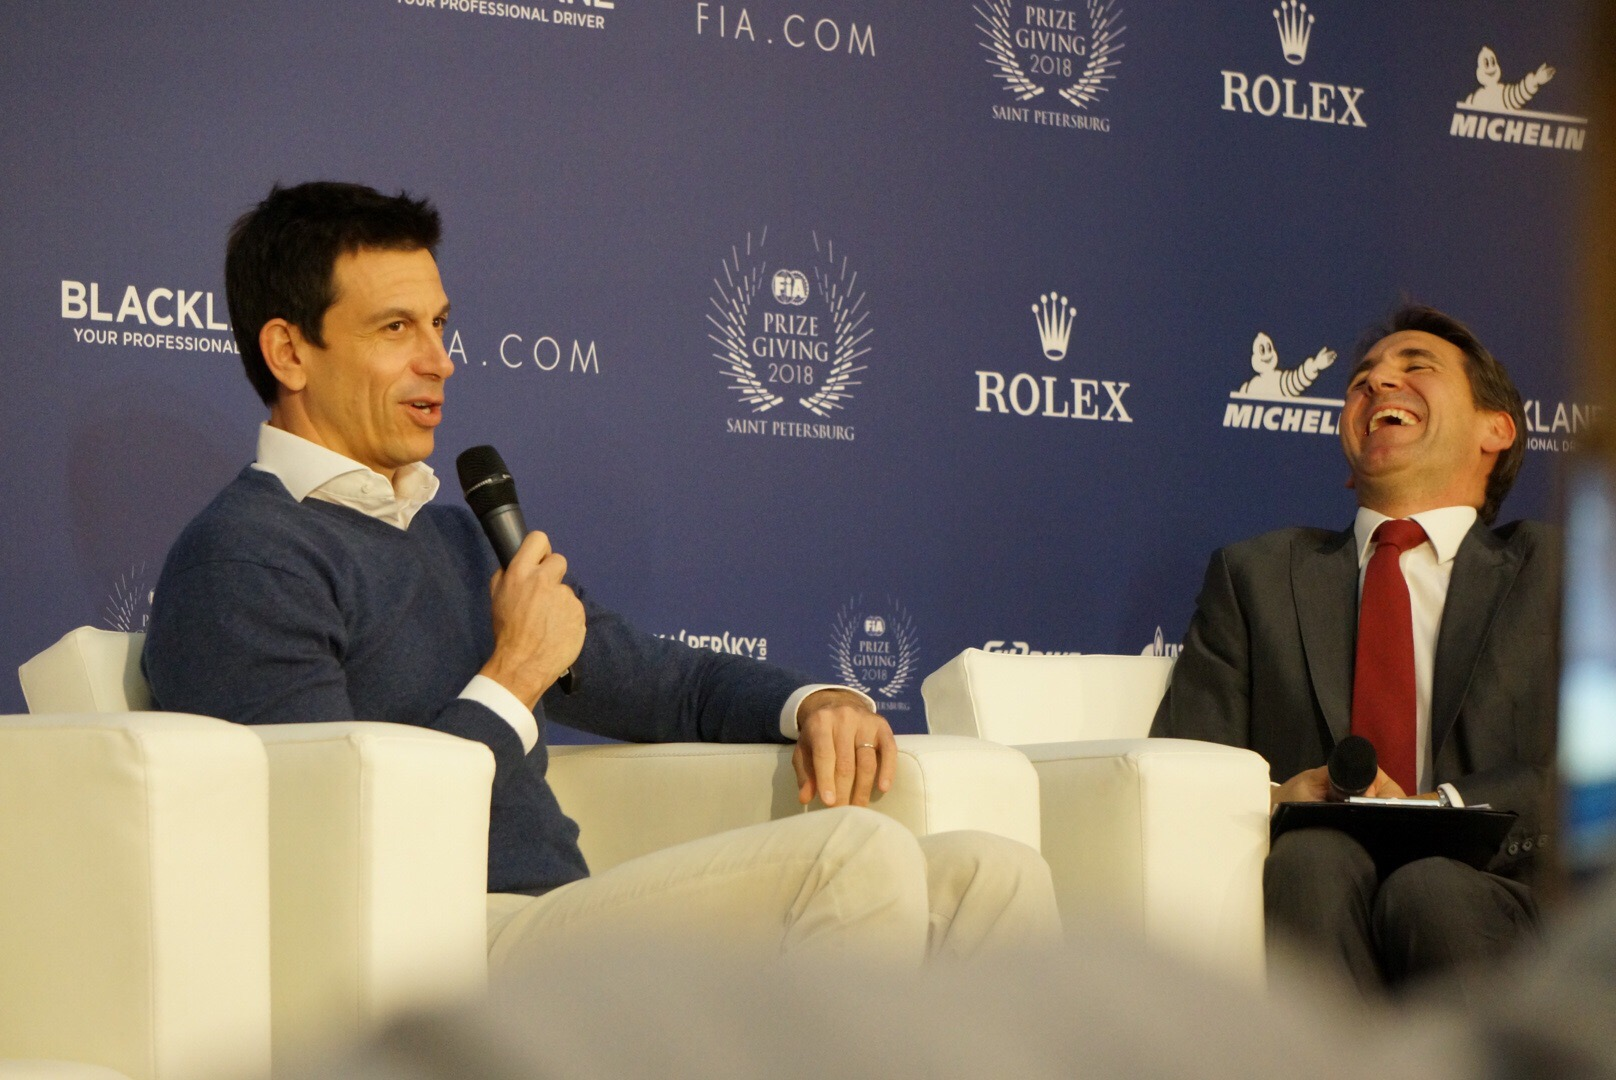 Тото Вольфф во время пресс-конференции ФИА в Санткт-Петербурге